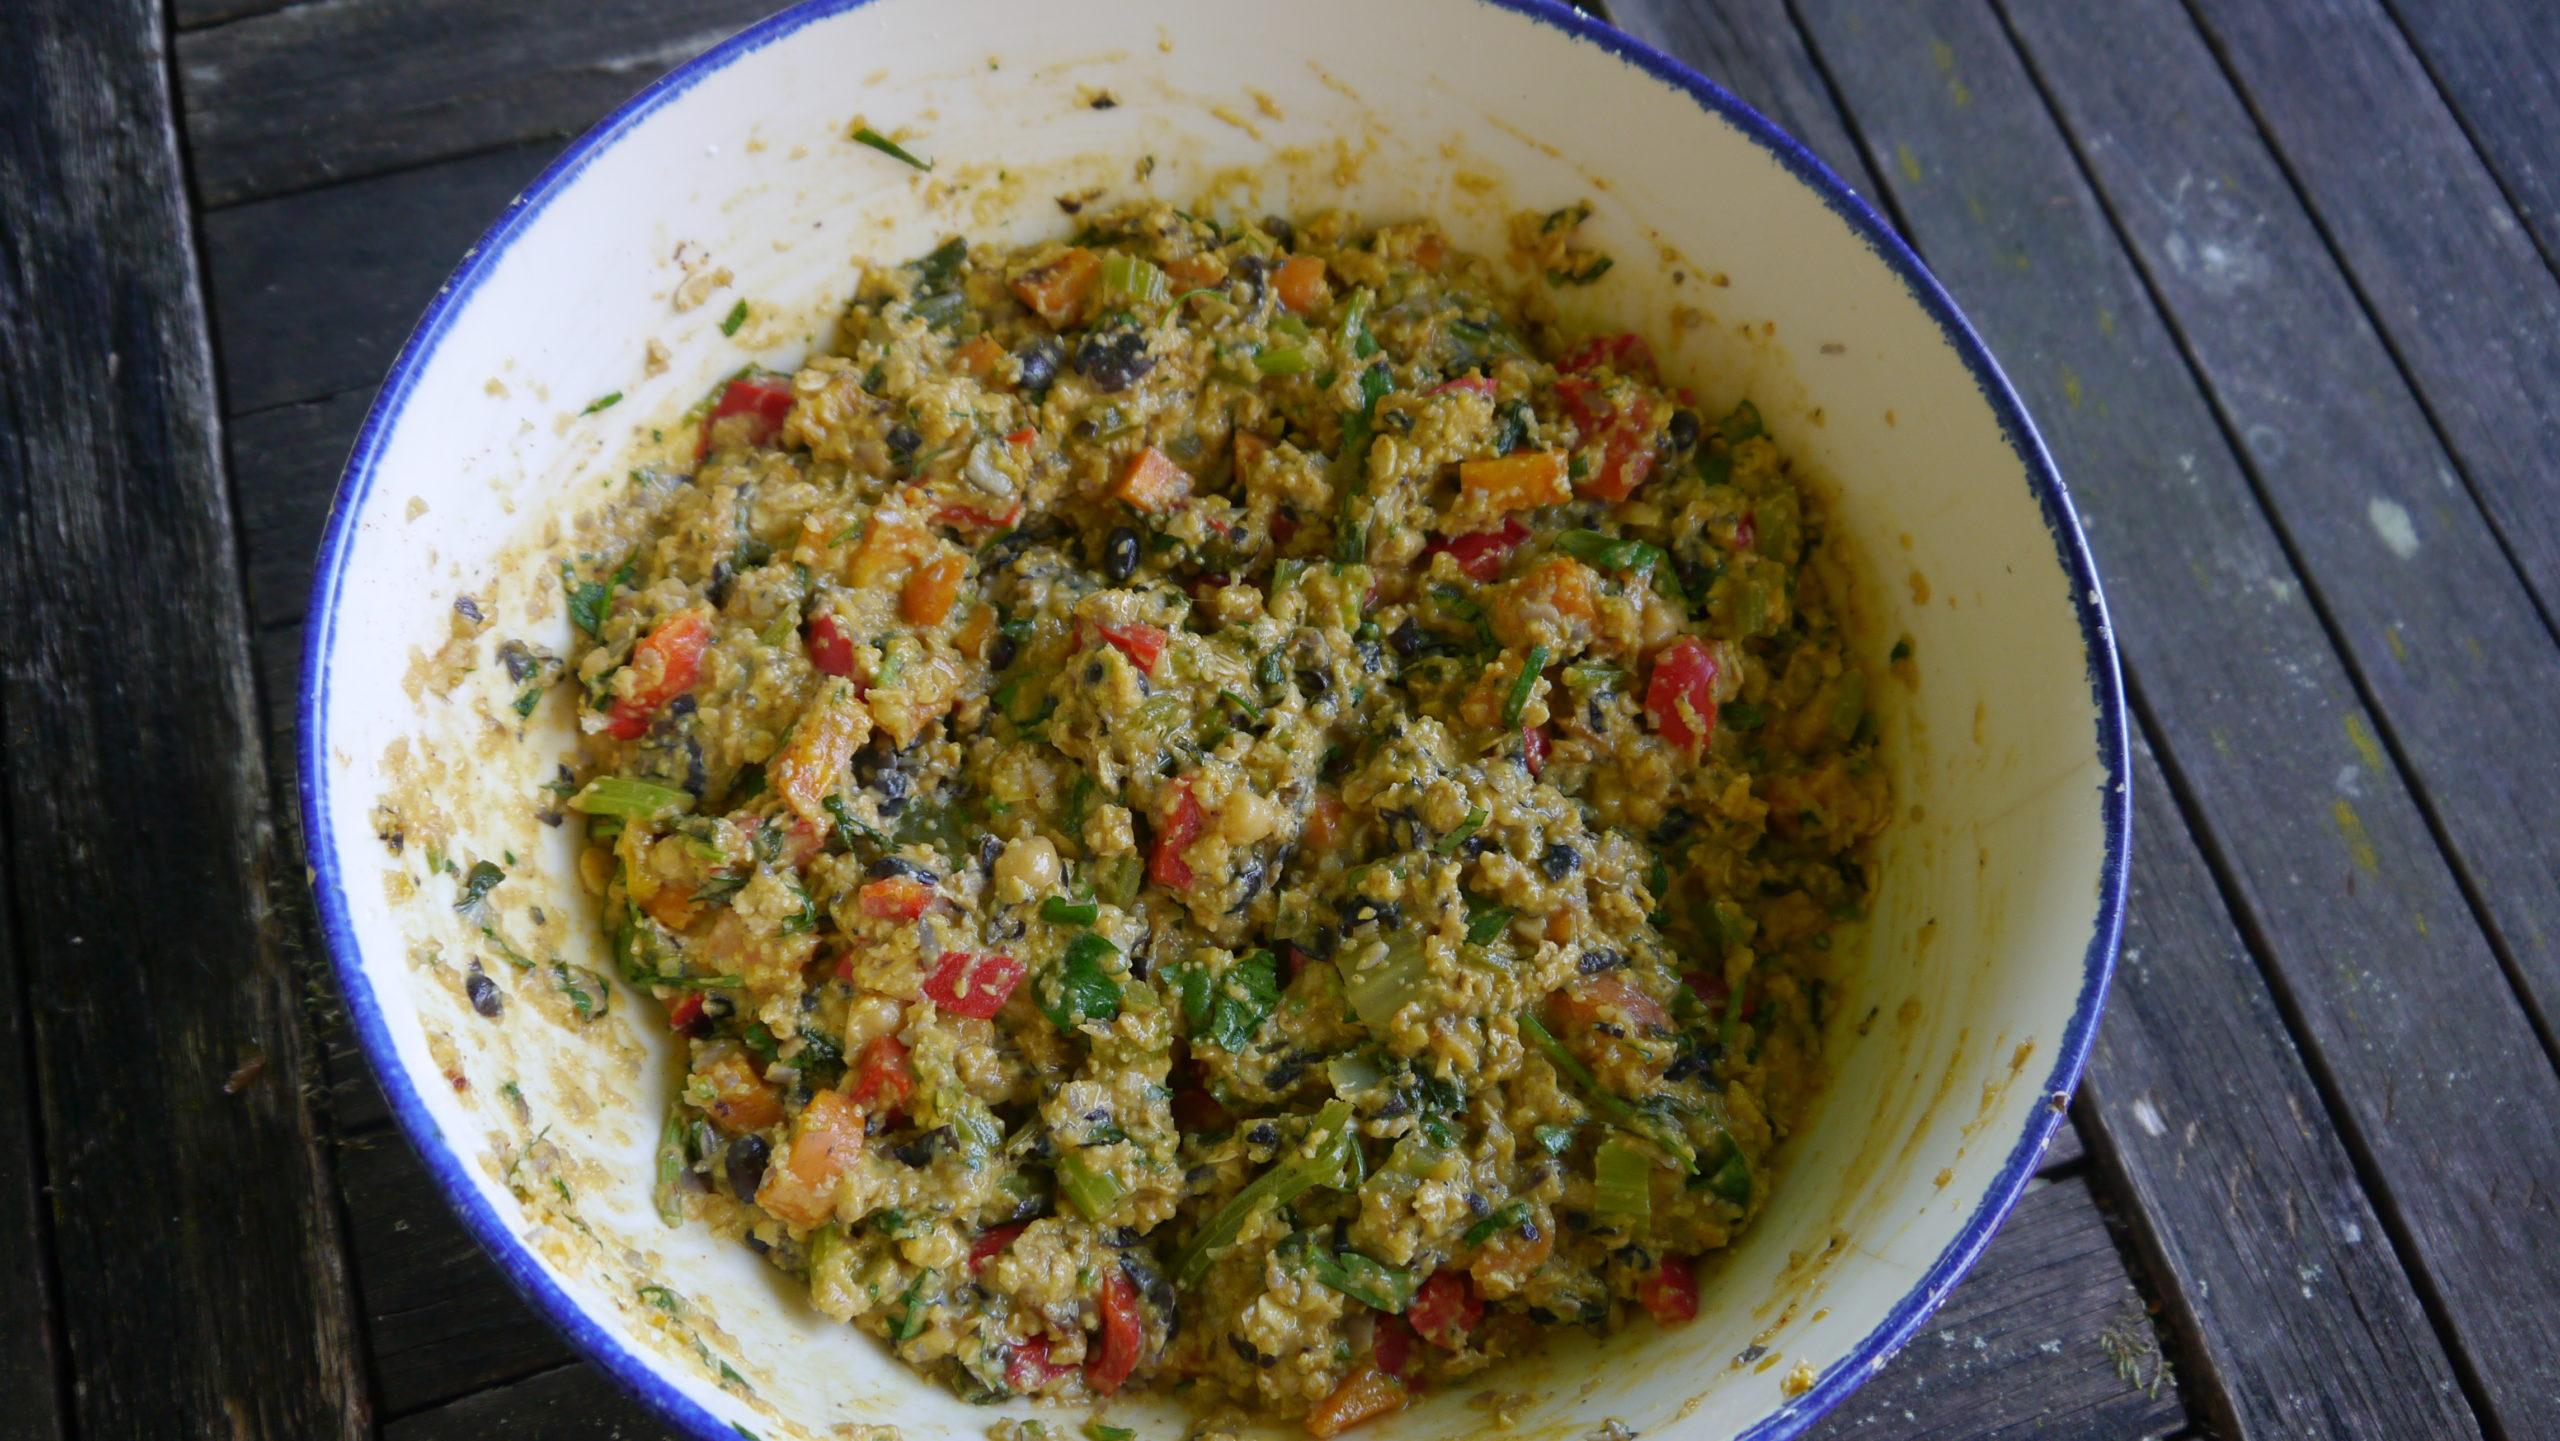 Pâte des galettes végétariennes aux légumes et légumineuses